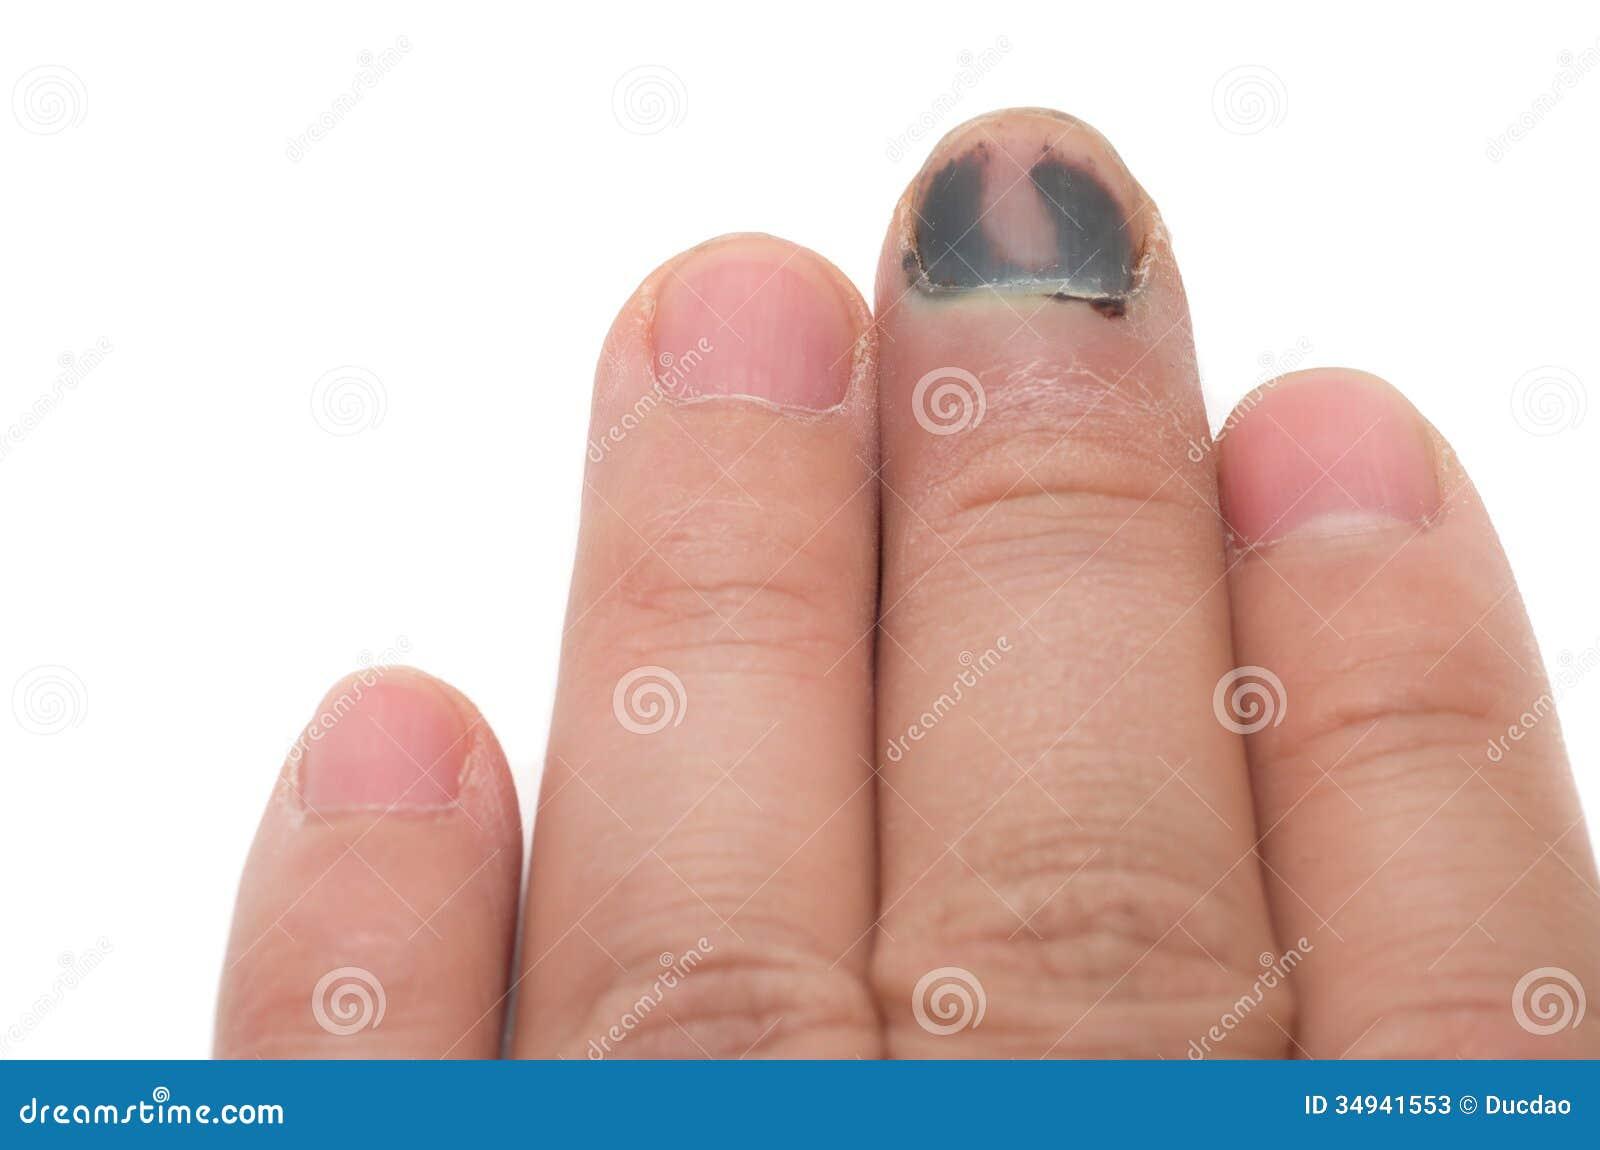 Белое пятно под ногтем на безымянном пальце